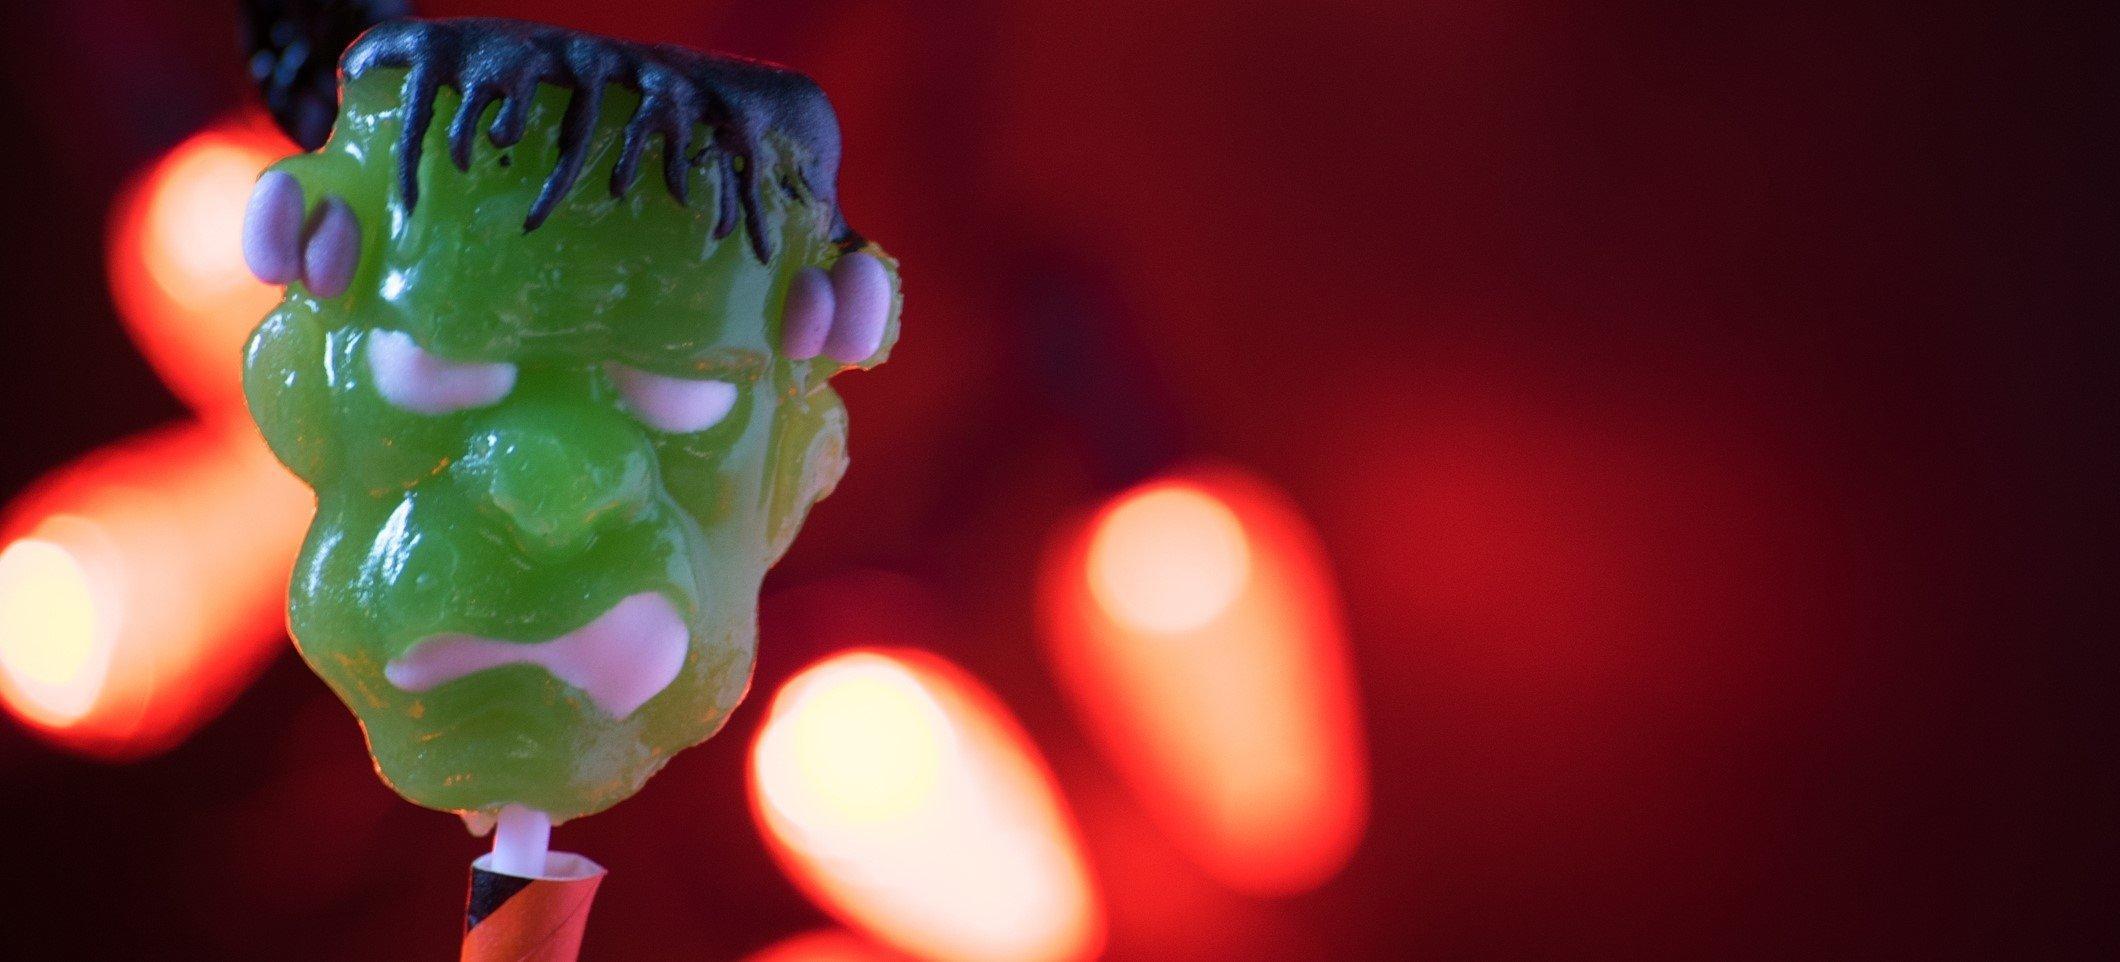 grüne Frankenstein-Figur in Effekt-Beleuchtung